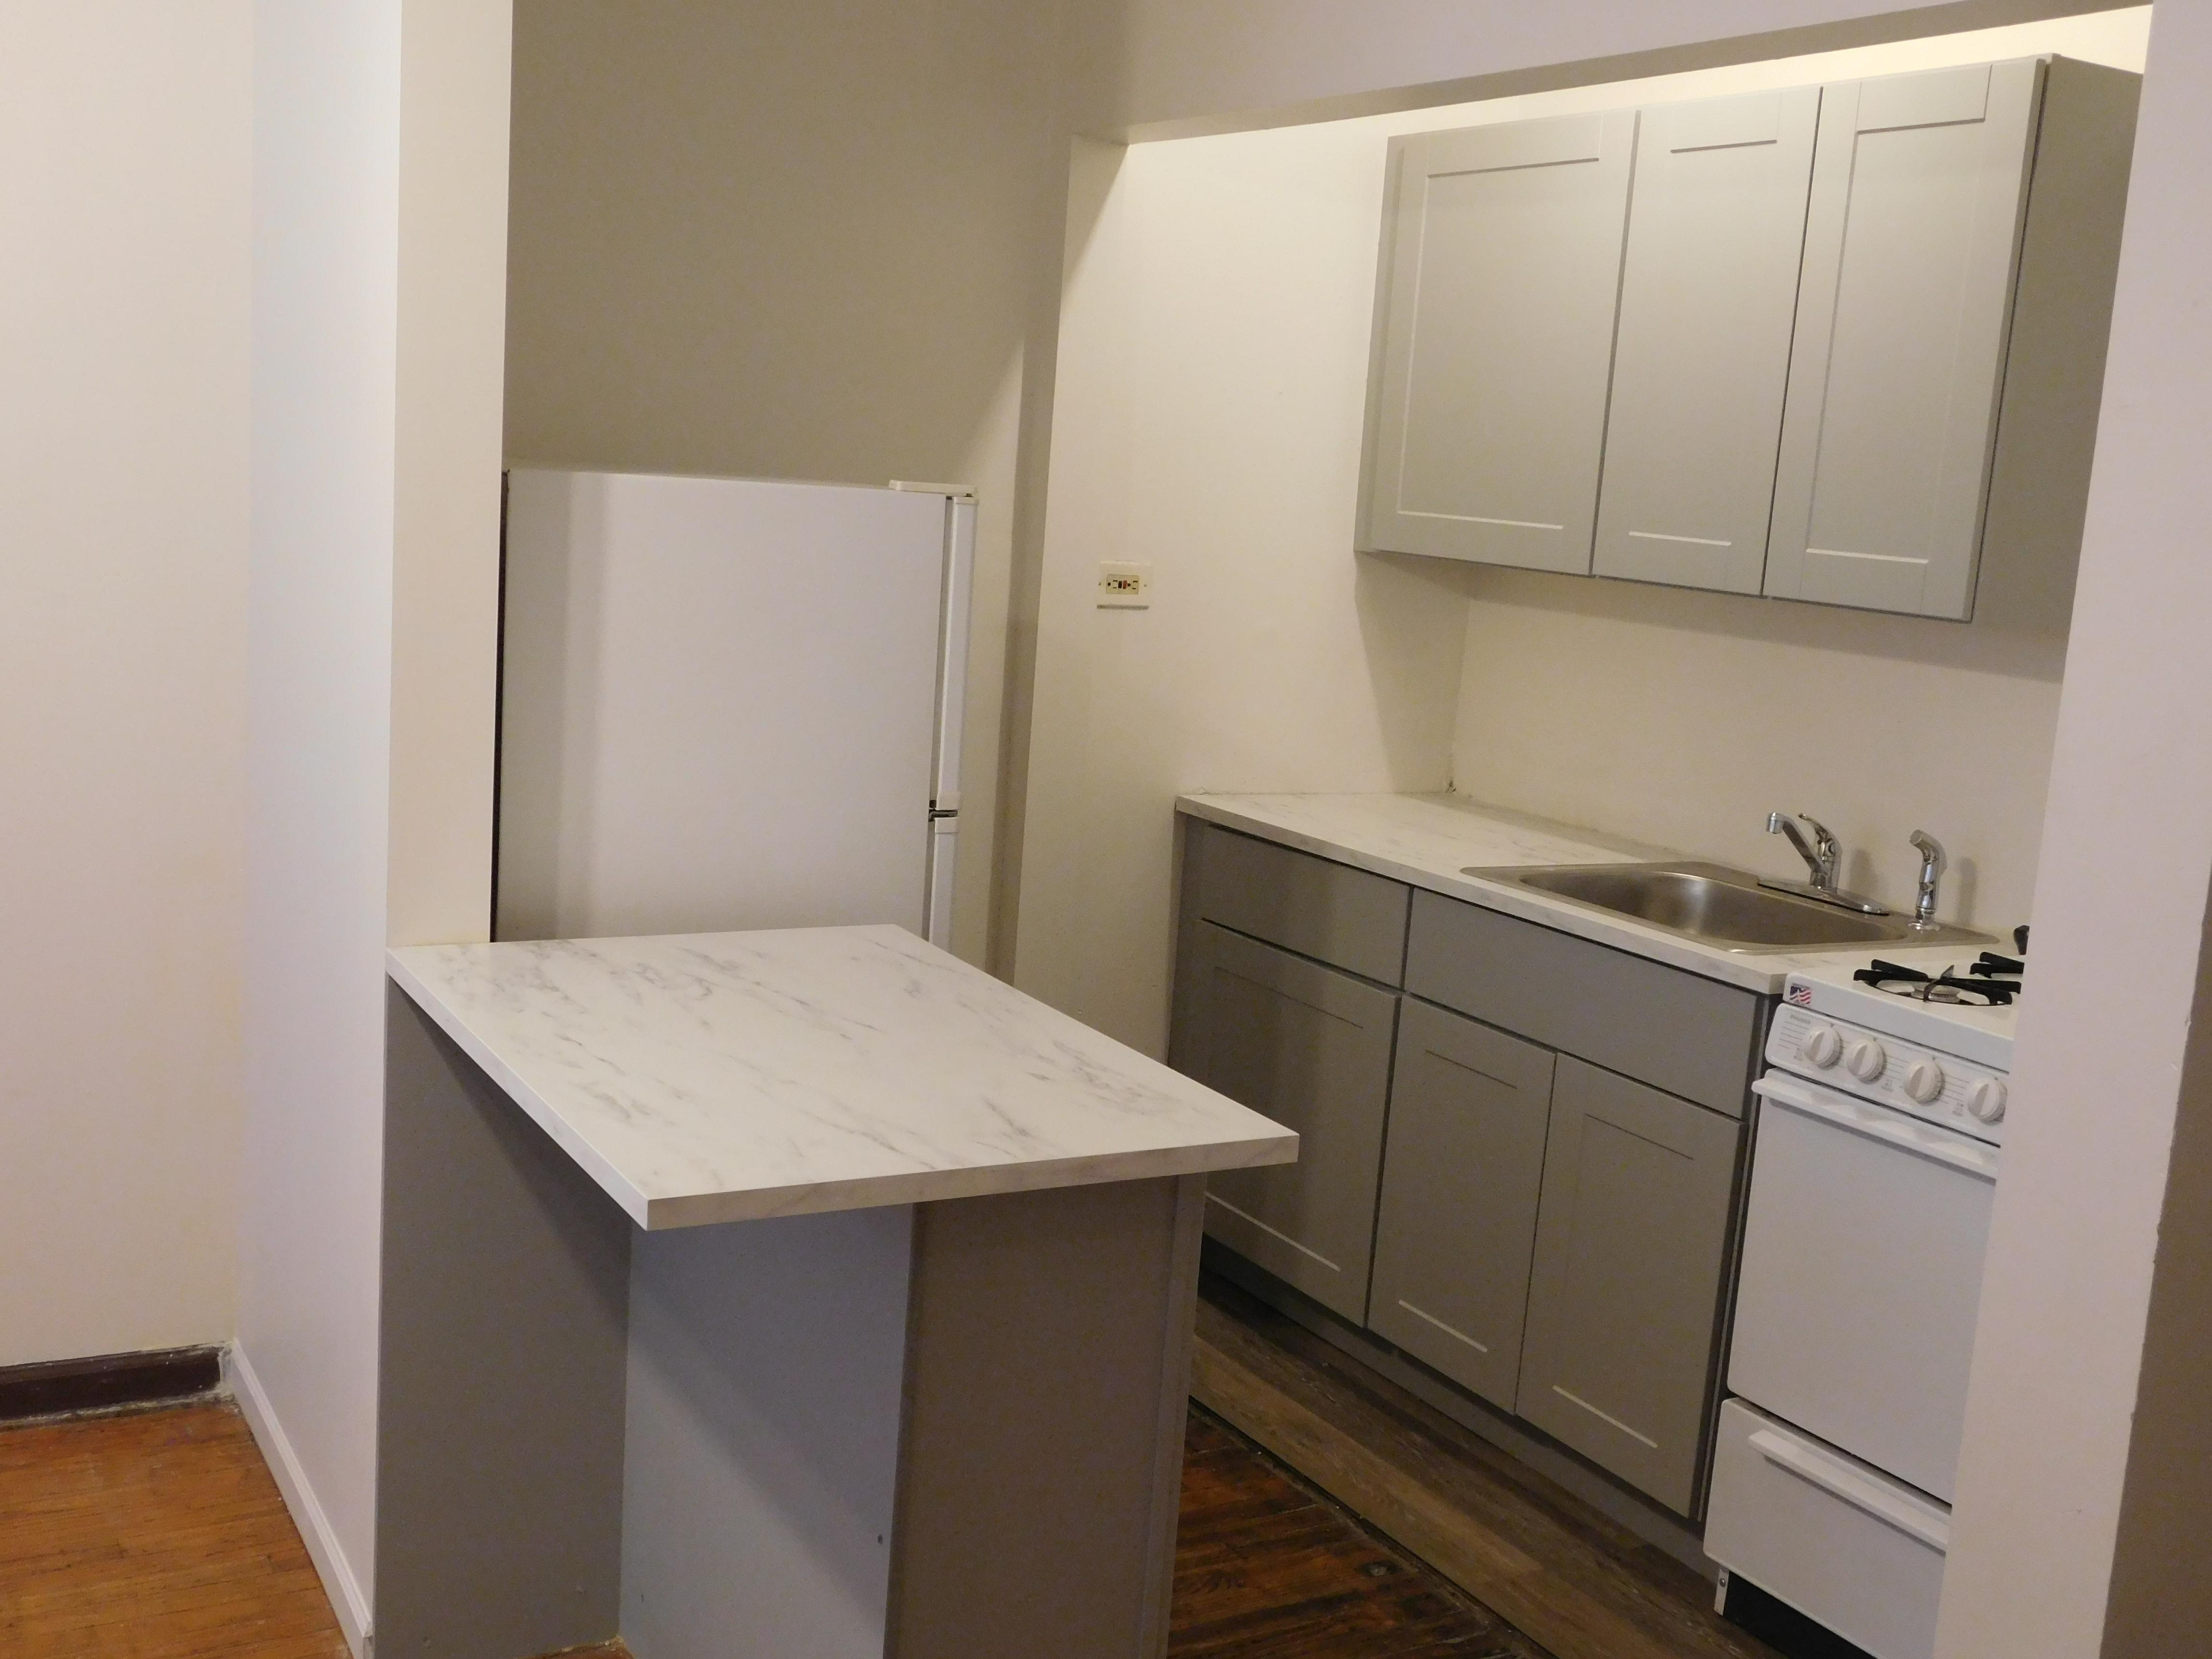 Studio apartment in Austin Chicago, 5412 W Ferdinand, Chicago IL 60644, Unit #8